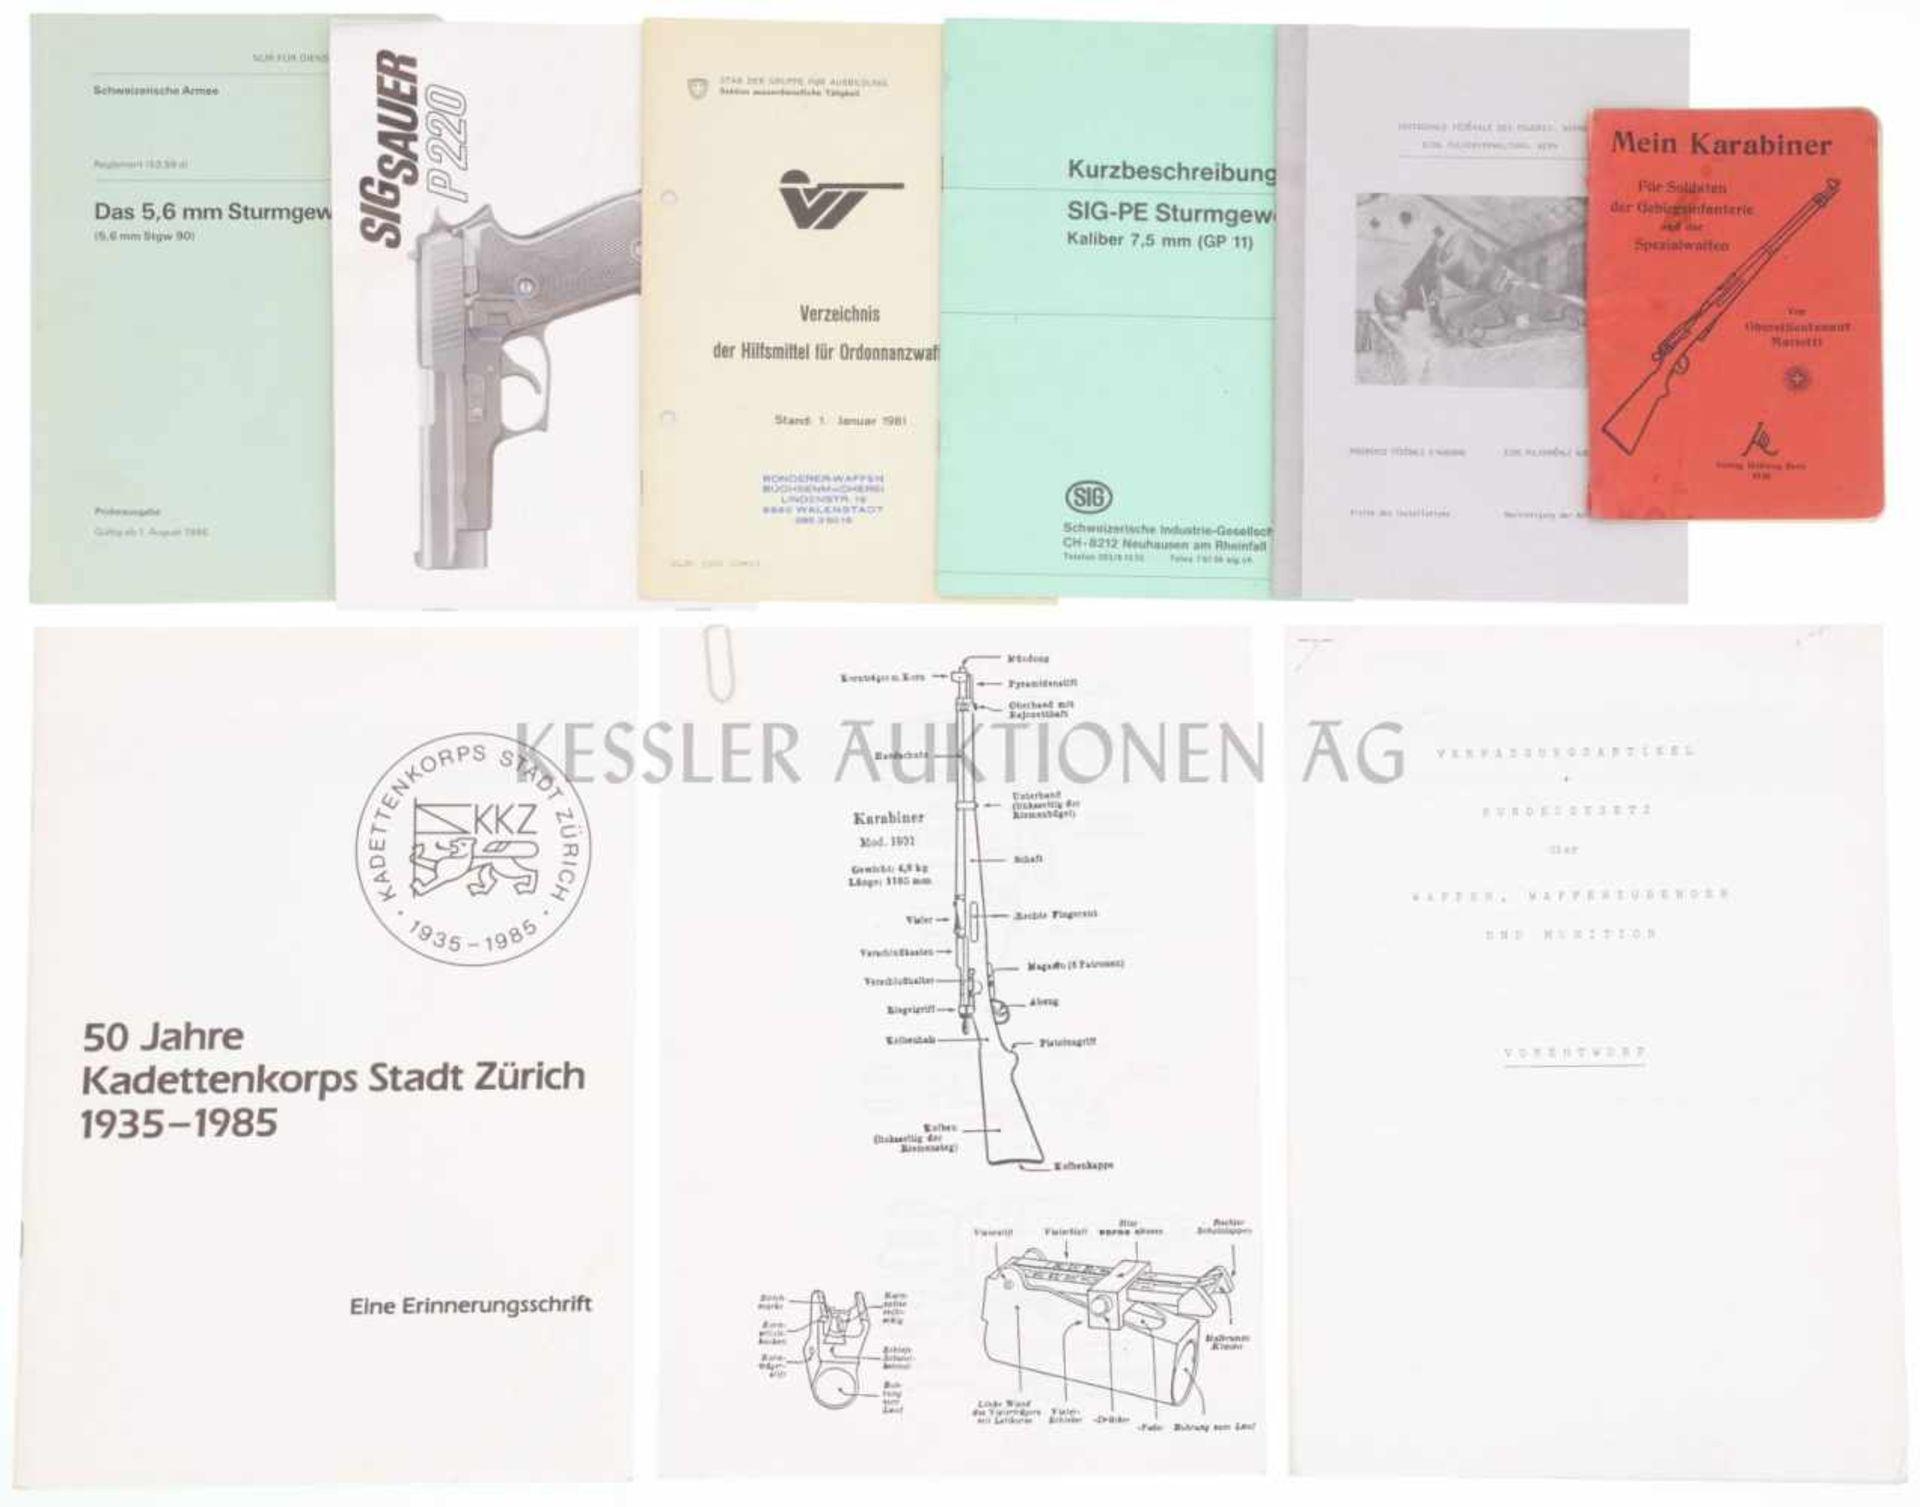 Los 6 - Konvolut von 9 Broschüren und Dokumentationen 1. Mein Karabiner, Verlag Hallwag Bern. 2. Eidg.